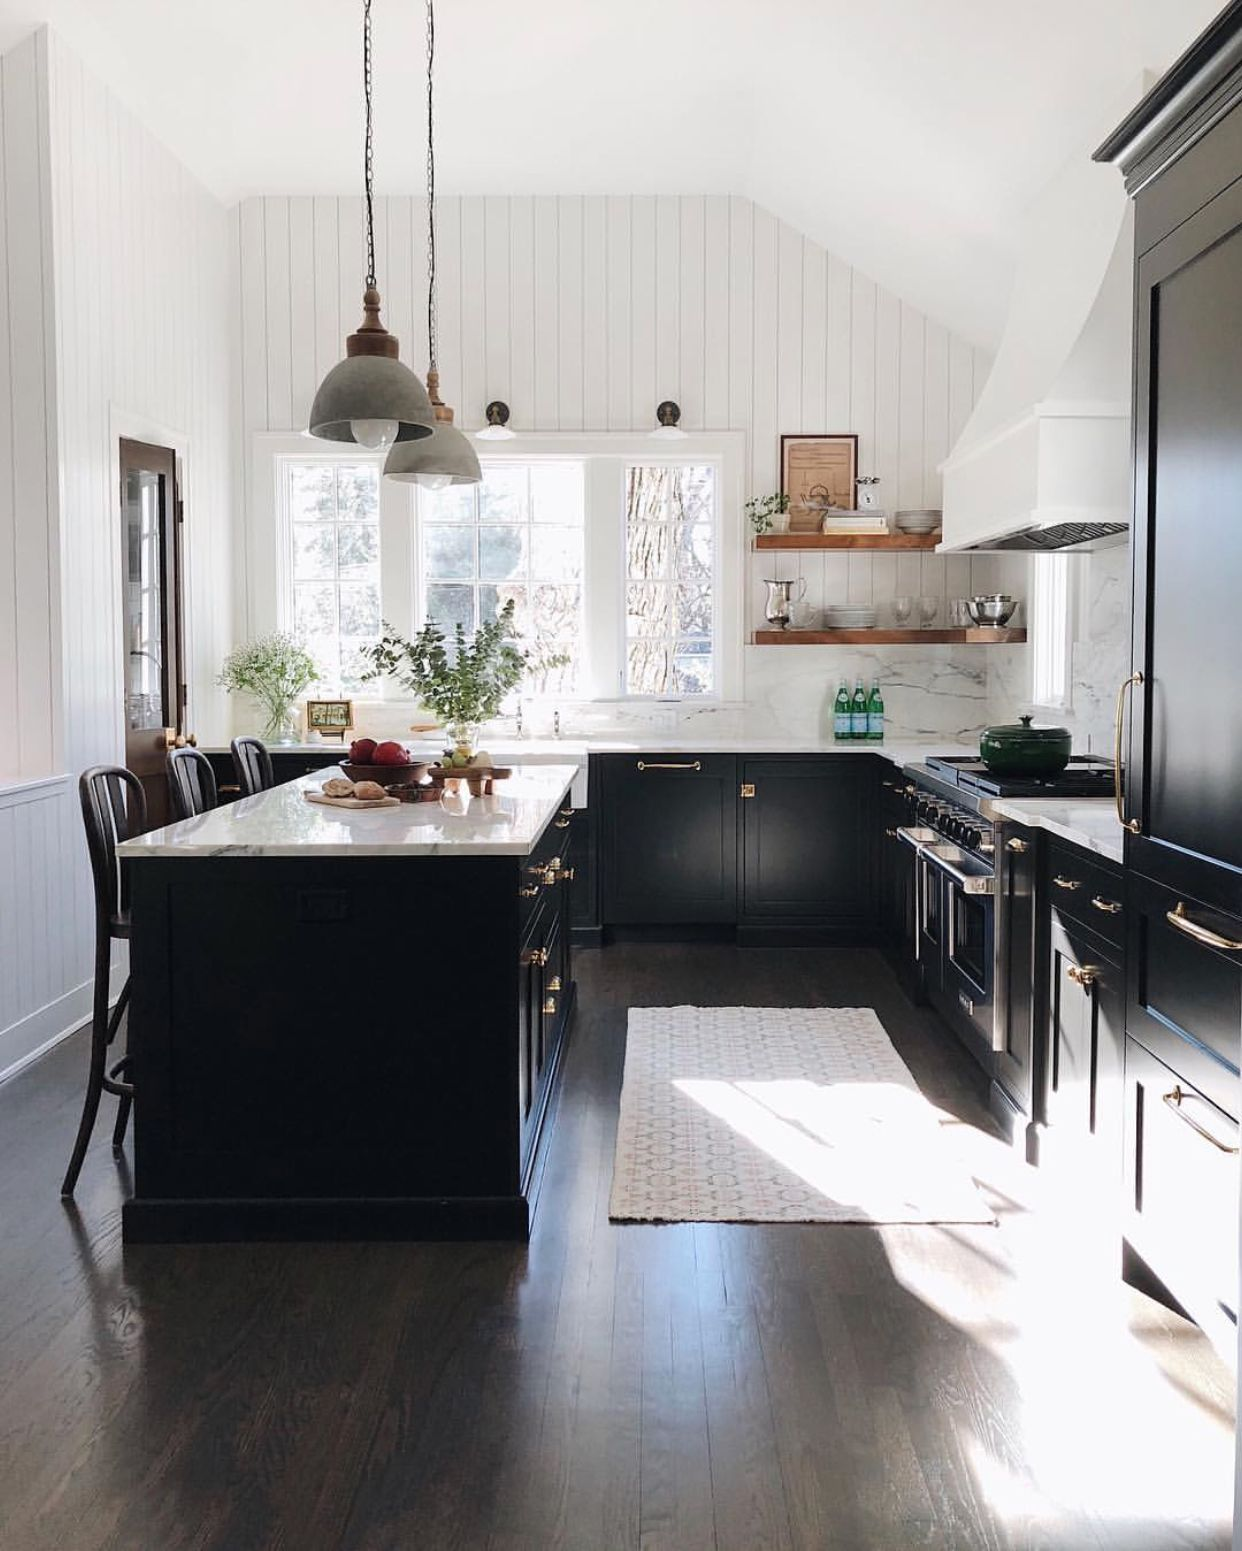 Pin von Michaela James auf Kitchen | Pinterest | Küche